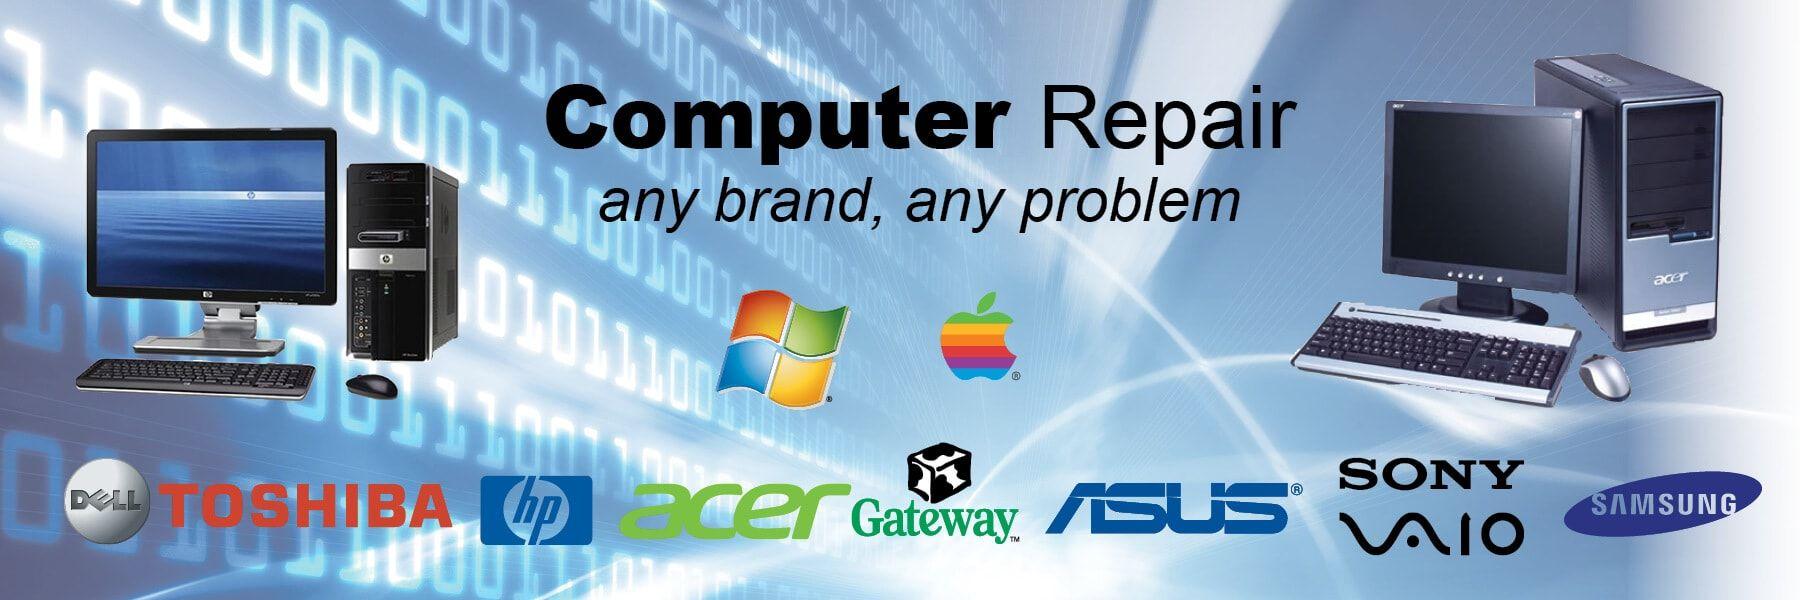 Get Best Computer   Laptop   Desktop Repair Services in Noida